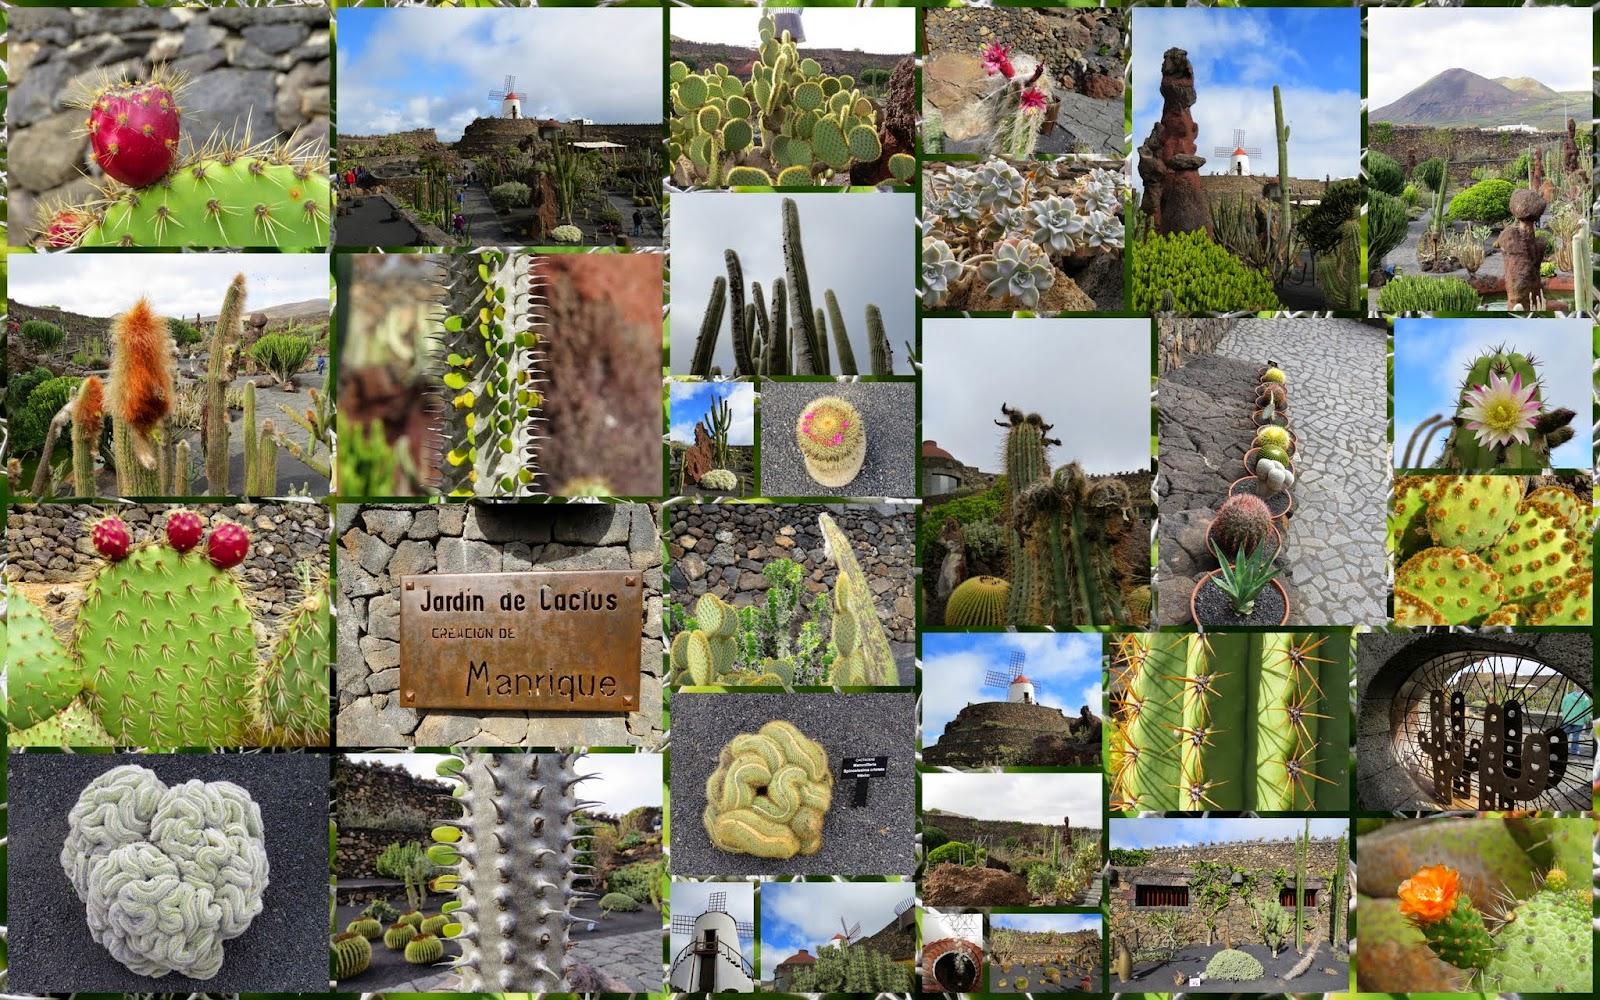 Jardin de Cactus on Lanzarote